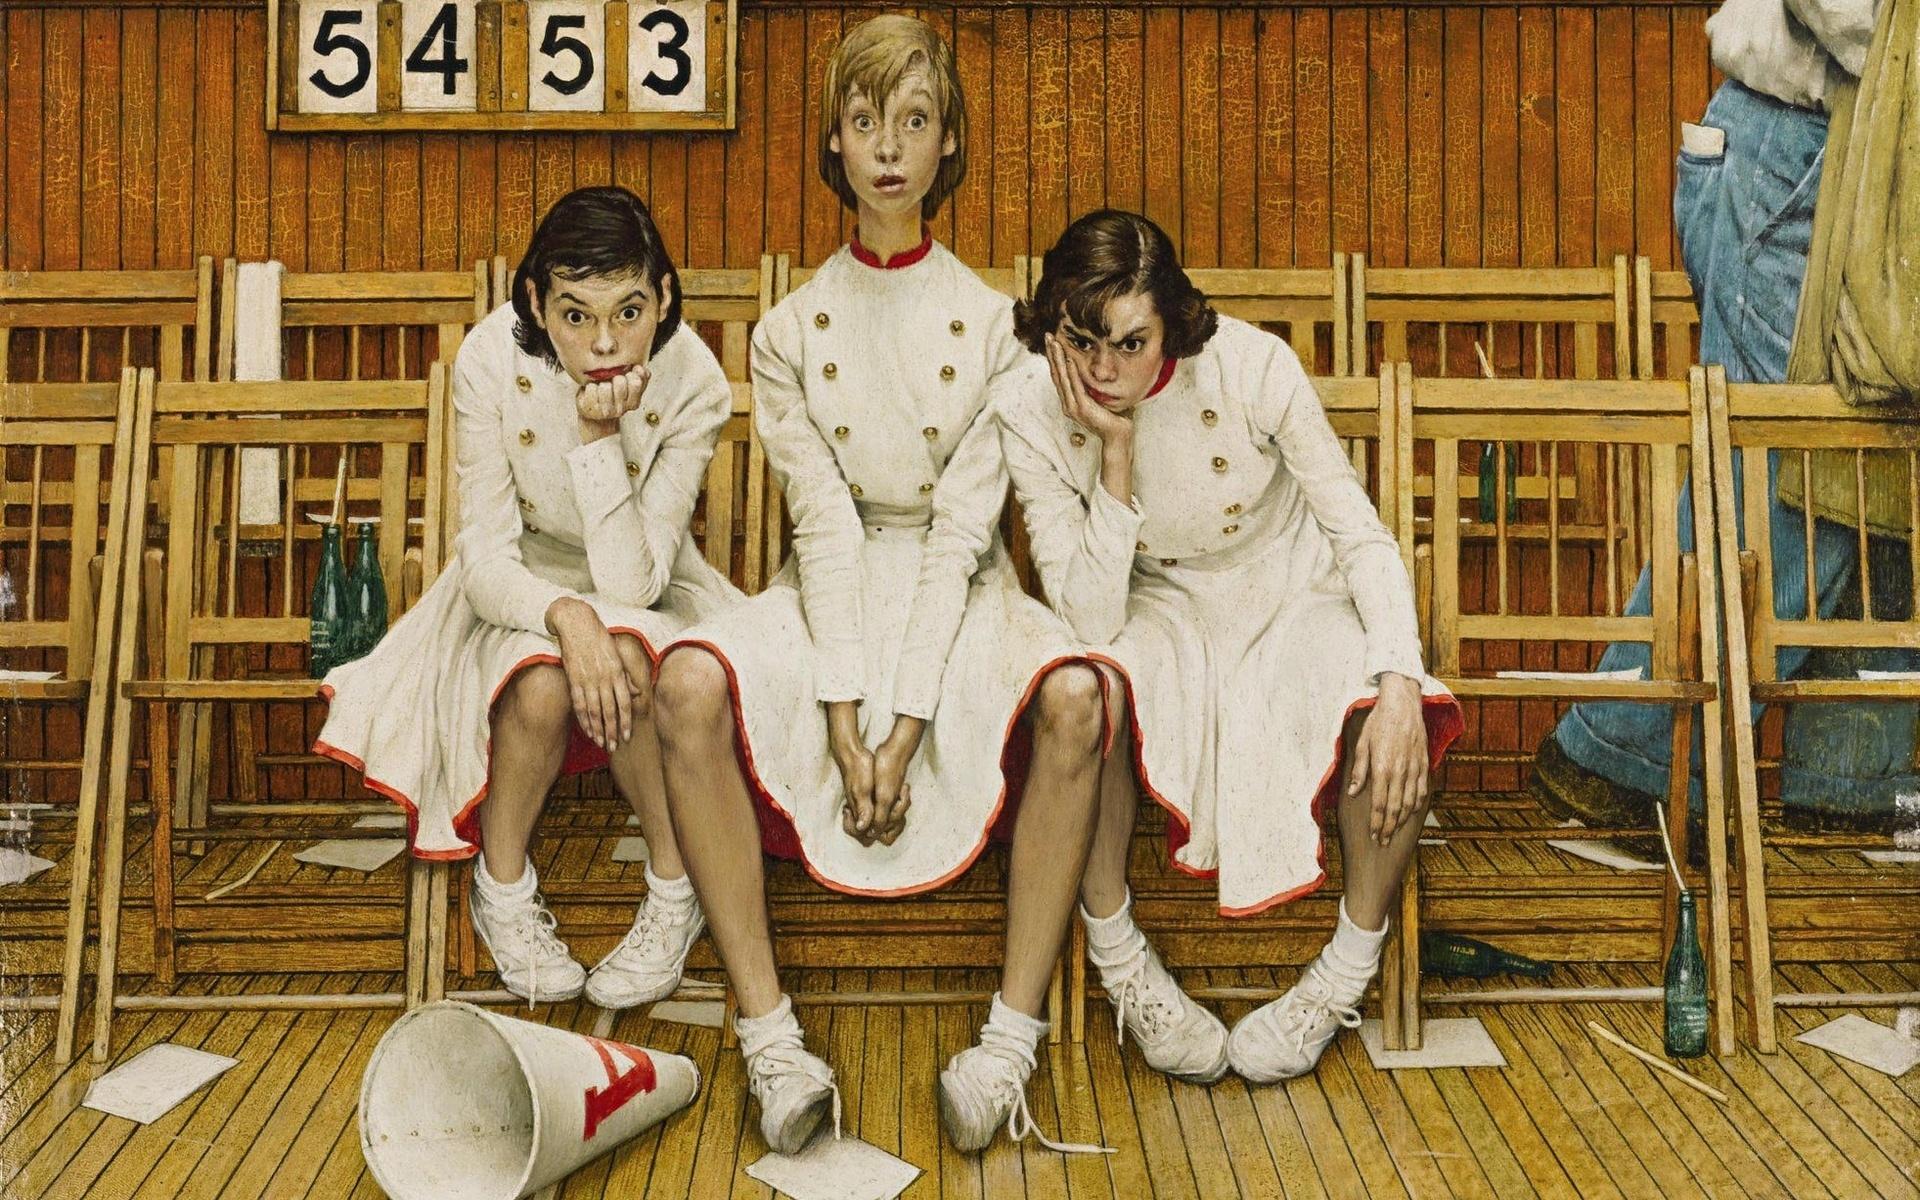 デスクトップ壁紙 1952 Year アートワーク 女性のグループ